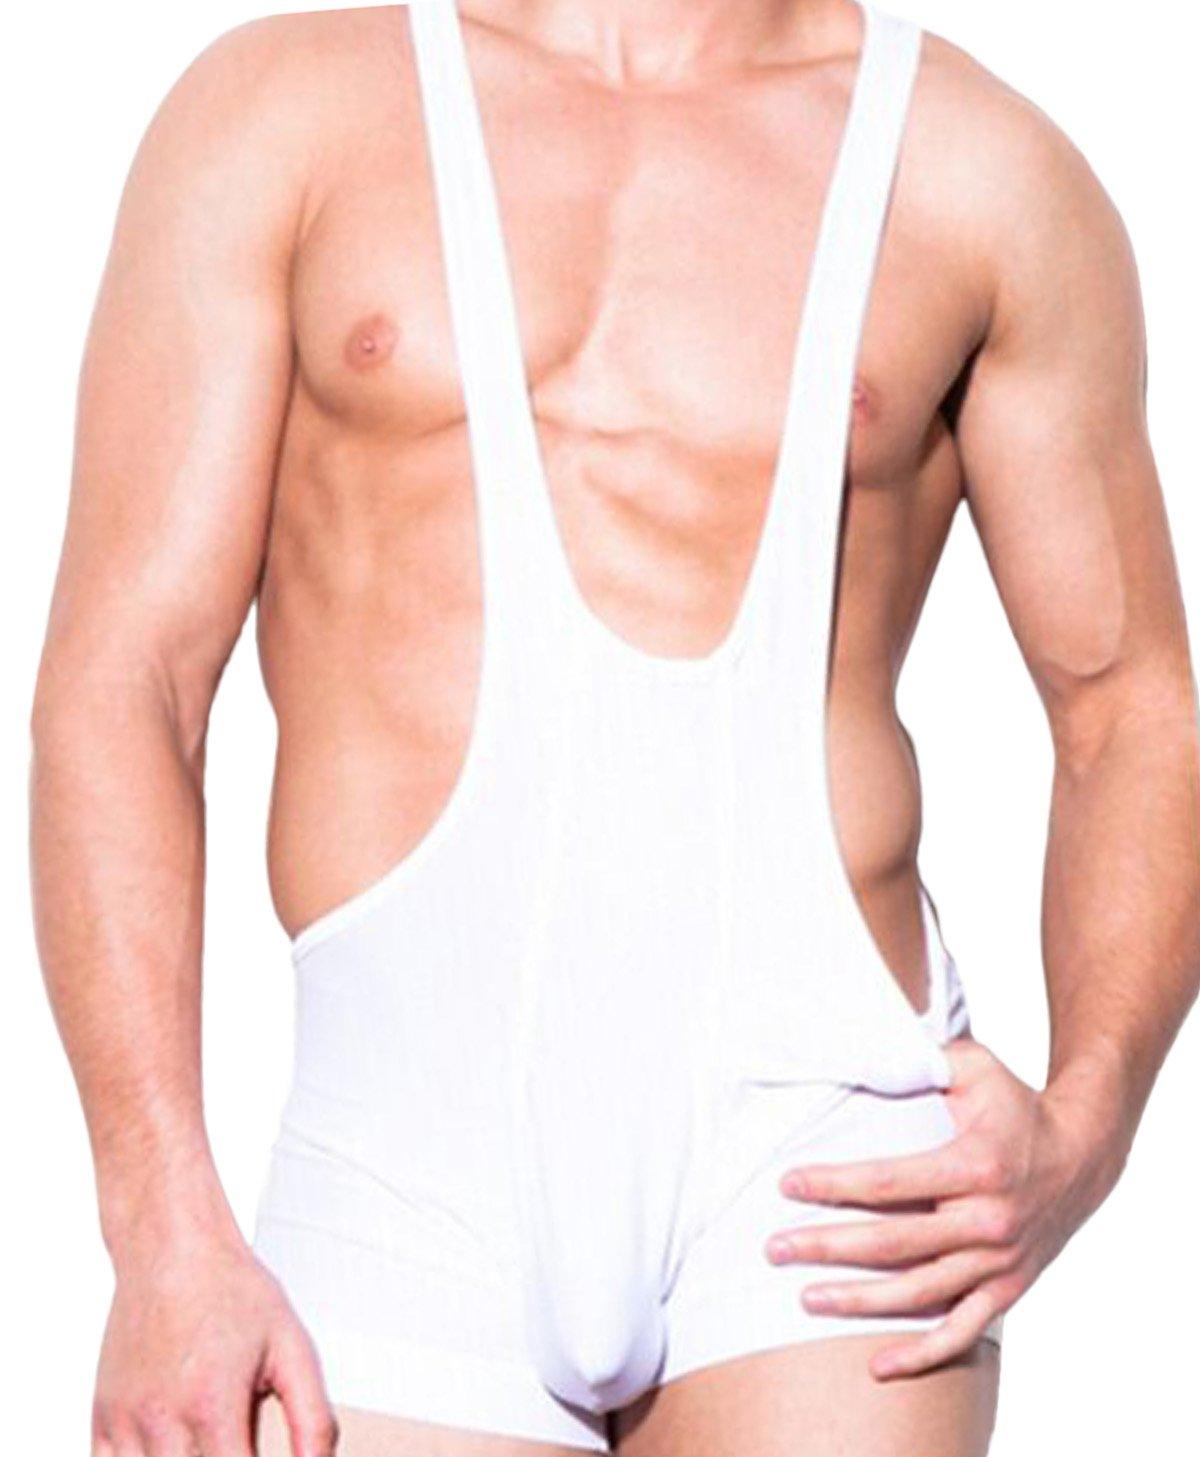 Fangran Mens Smooth Sports Jockstrap Jumpsuit Underwear Mankini Wrestling Boxers Bodywear White - L